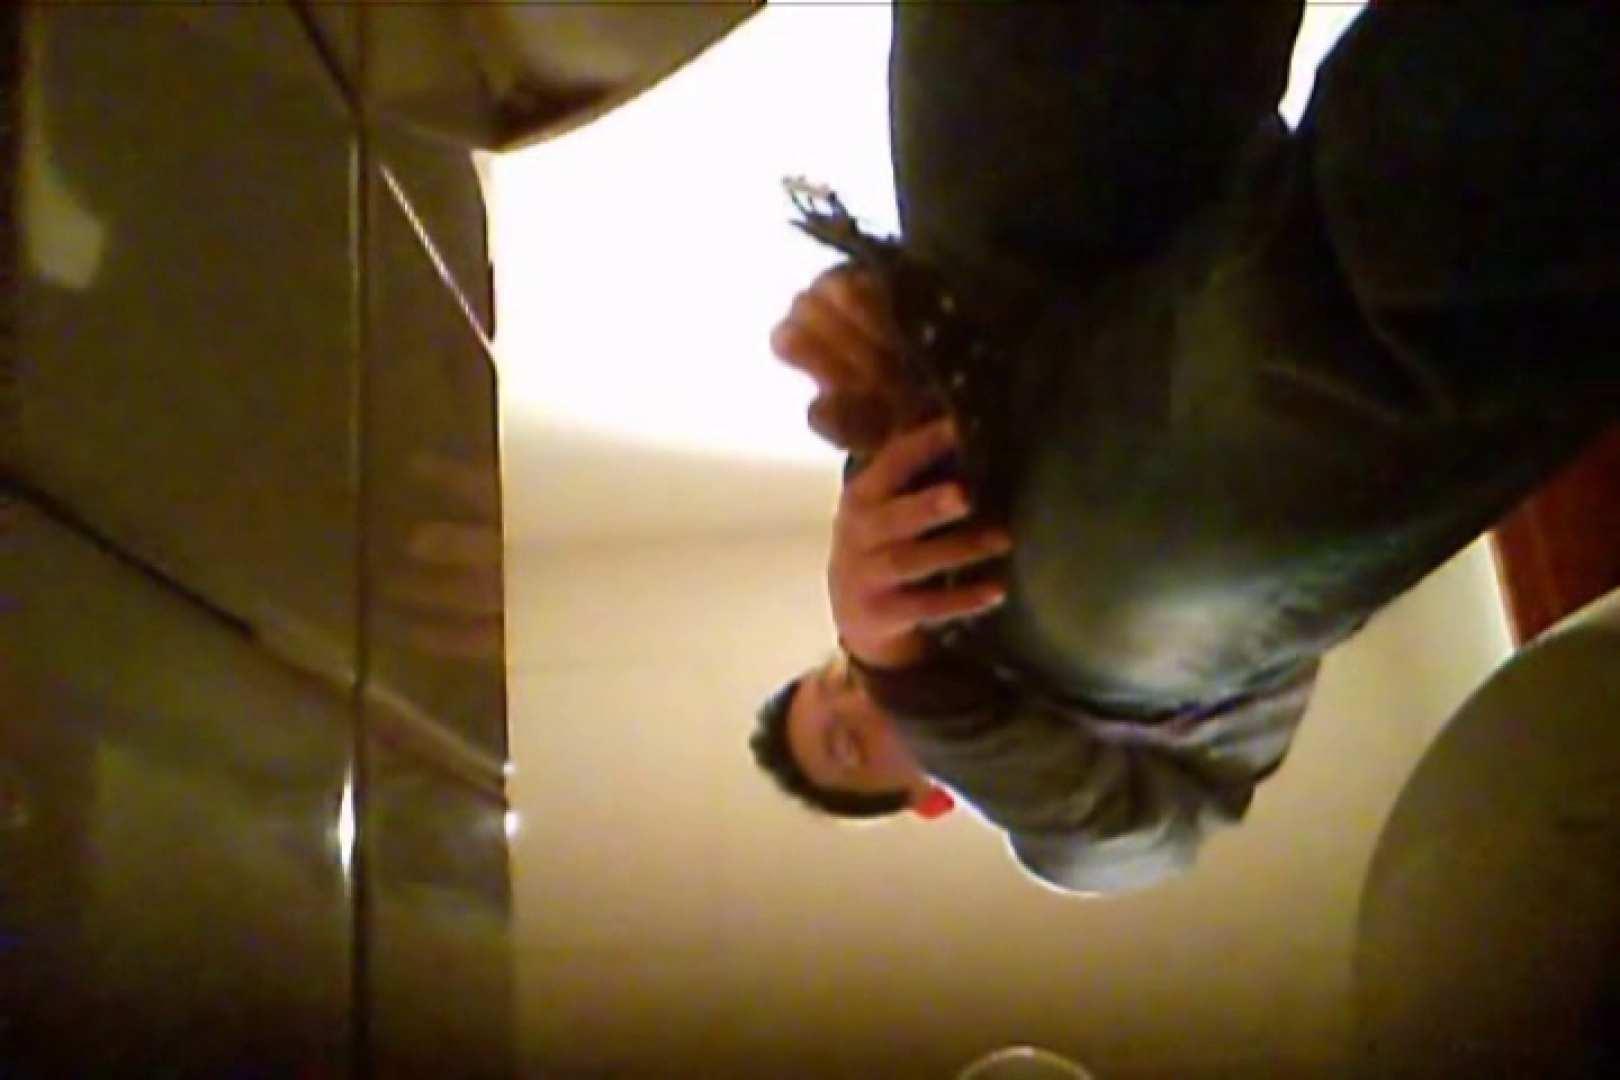 ゲイザーメン動画|SEASON 2ND!掴み取りさんの洗面所覗き!in新幹線!VOL.23※超イケメン登場!!|スーツ